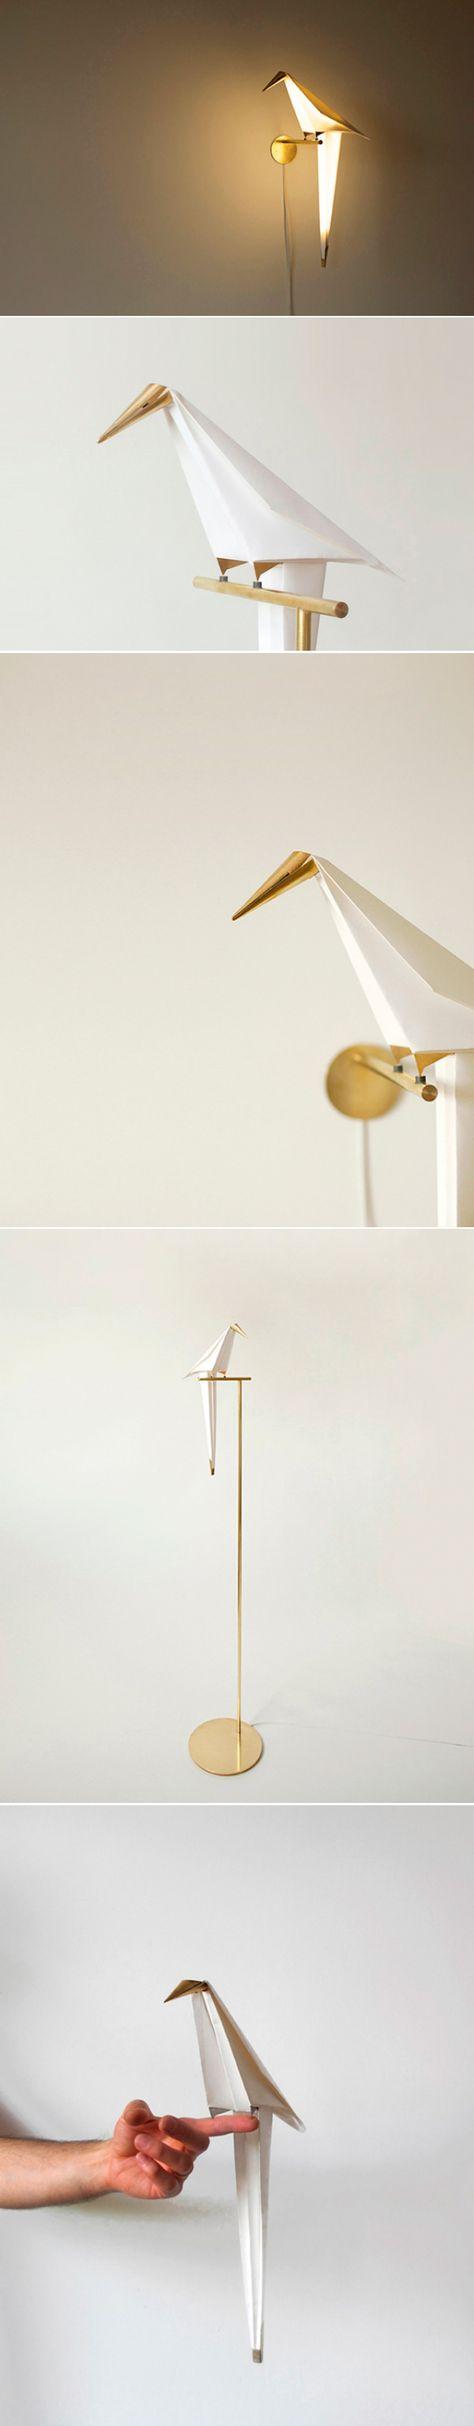 90+ bästa bilderna på Lampor | lampor, belysning, vägglampa